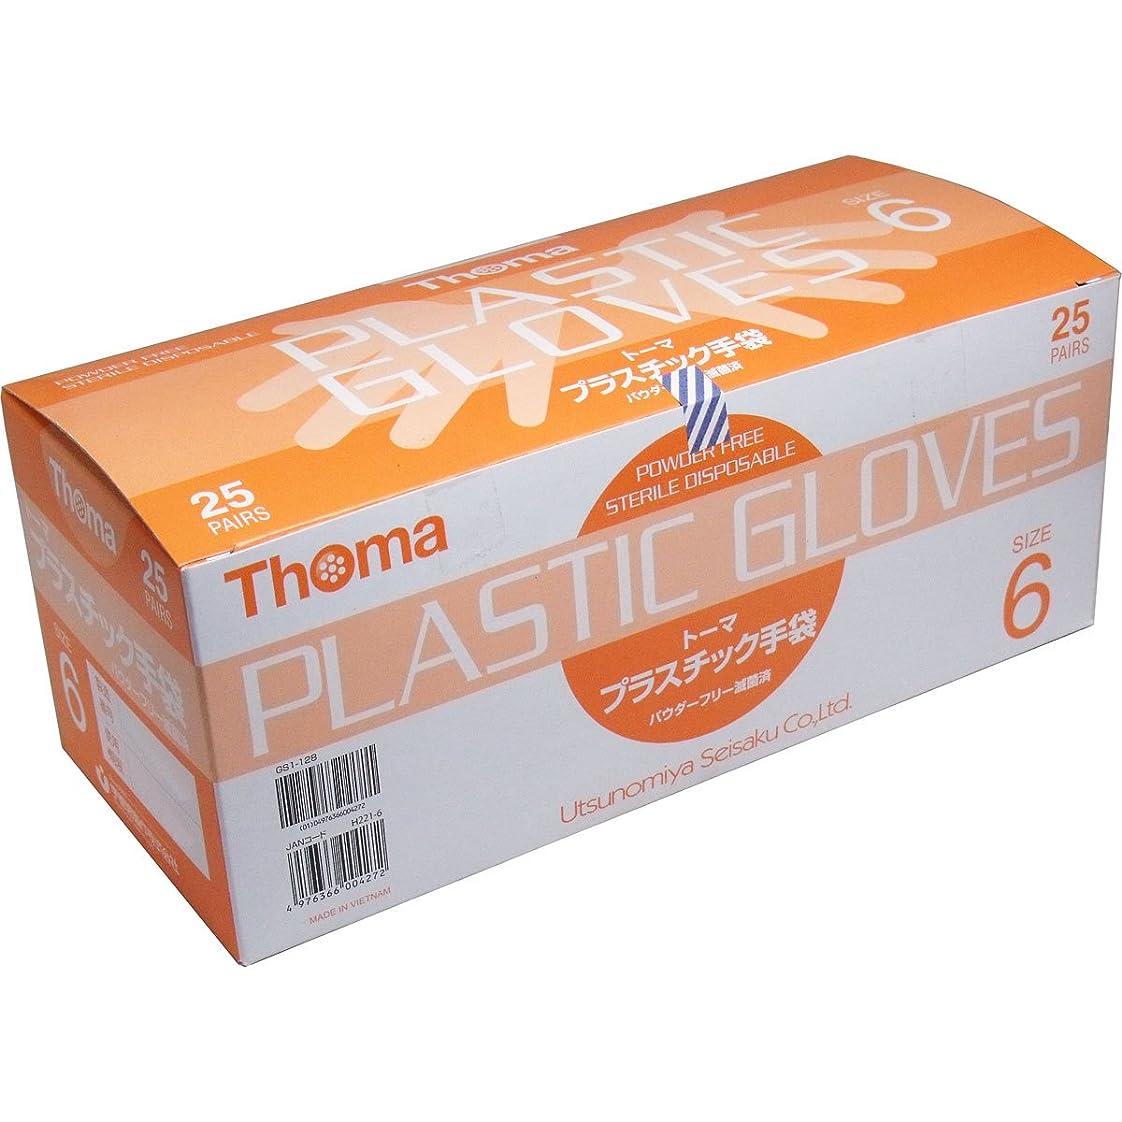 クレデンシャル結婚式のため超薄手プラスチック手袋 超薄手仕上げ 使いやすい トーマ プラスチック手袋 パウダーフリー滅菌済 25双入 サイズ6